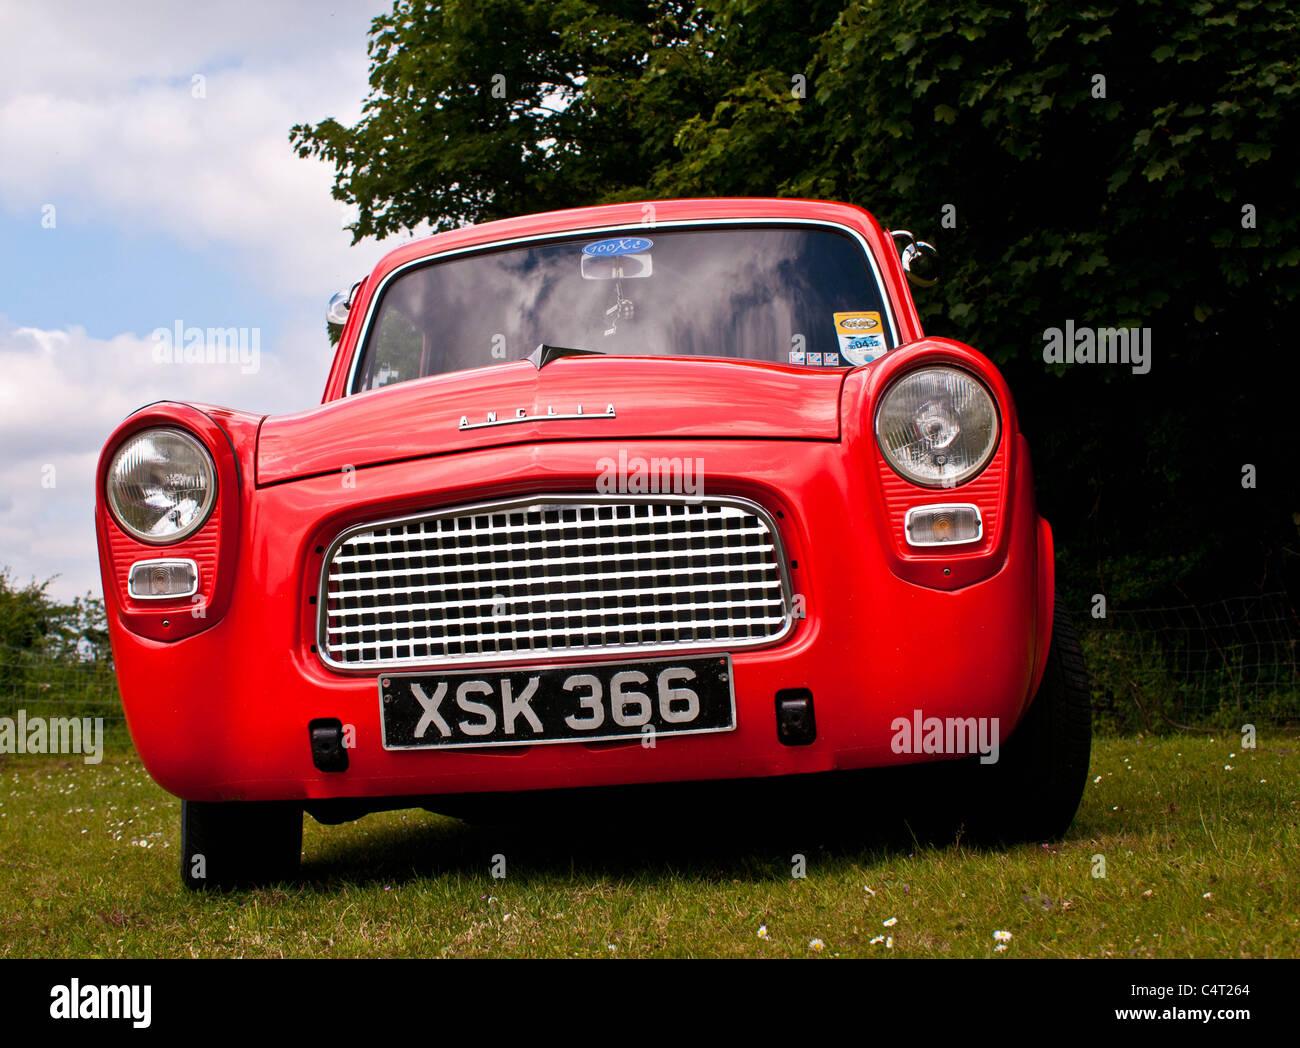 Renovated classic car 1959 Ford Anglia 100E - Stock Image